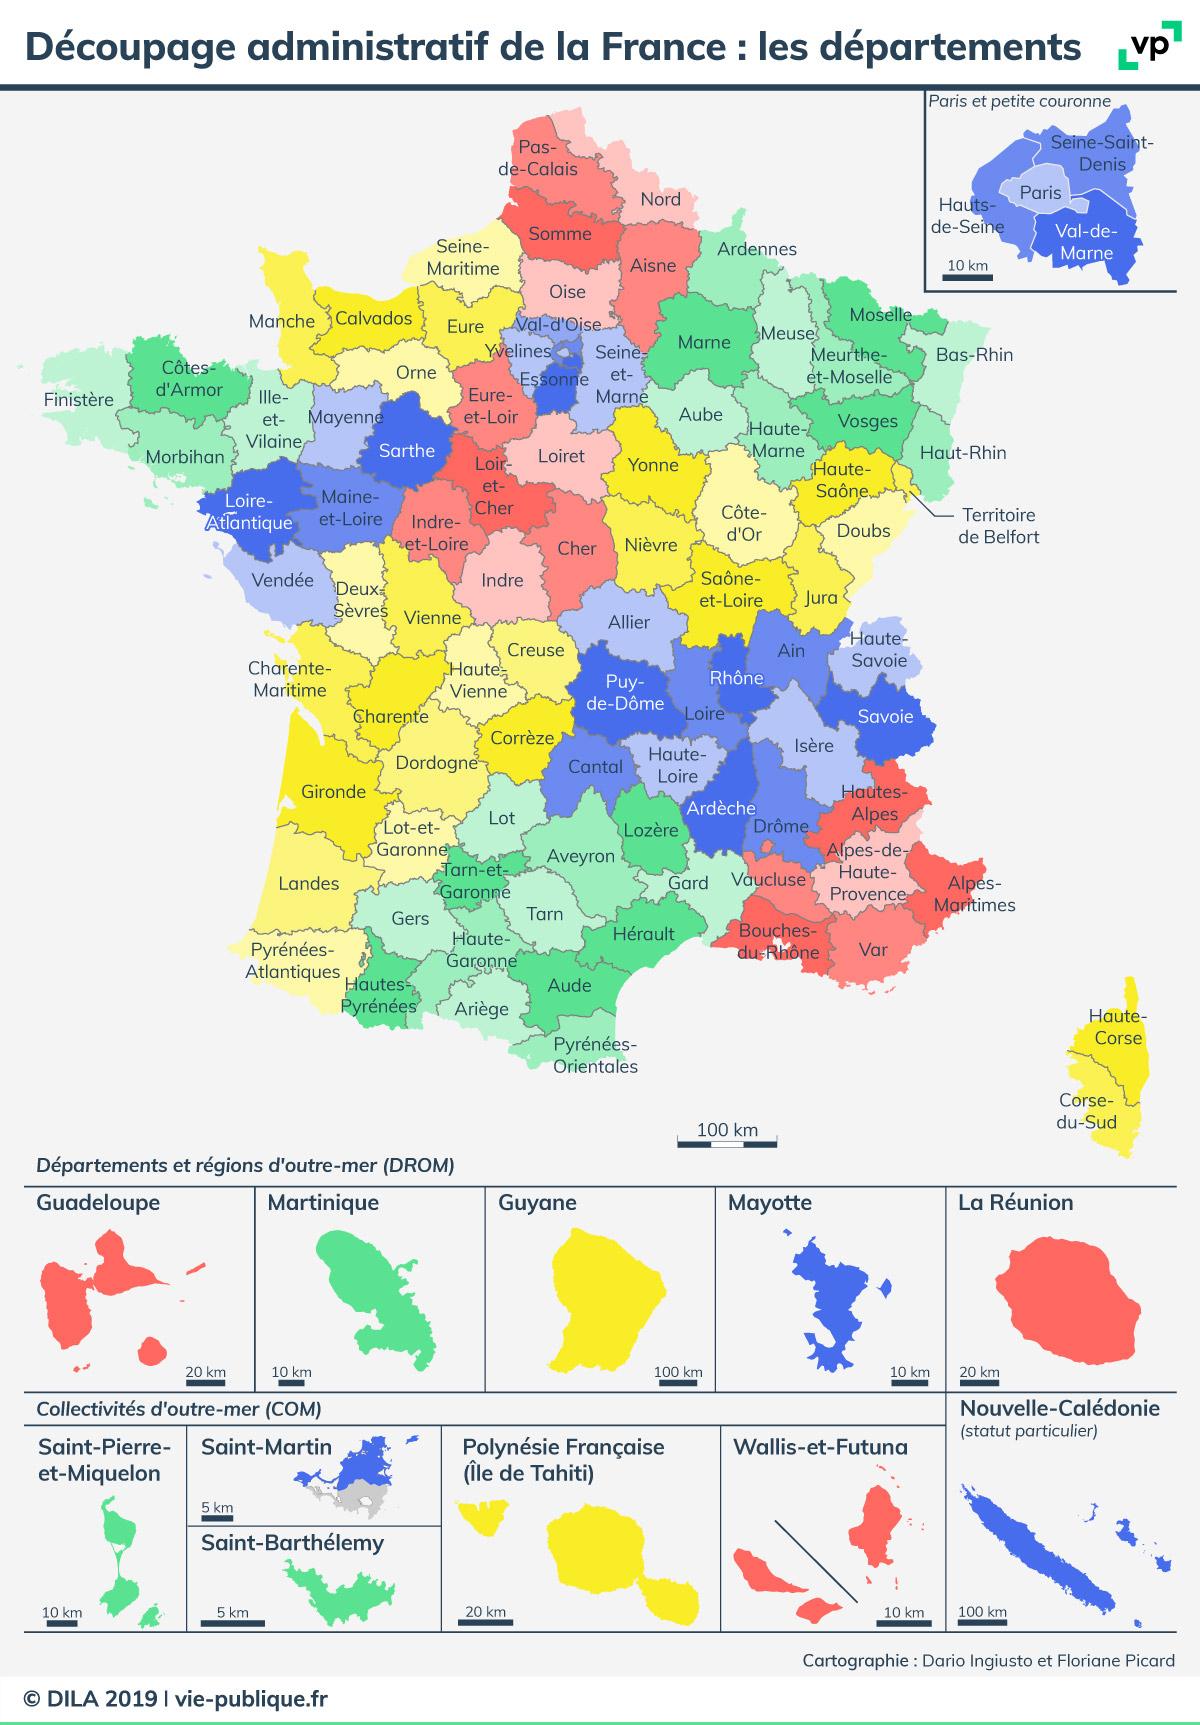 Découpage Administratif De La France : Les Départements destiné Liste Des Régions Françaises